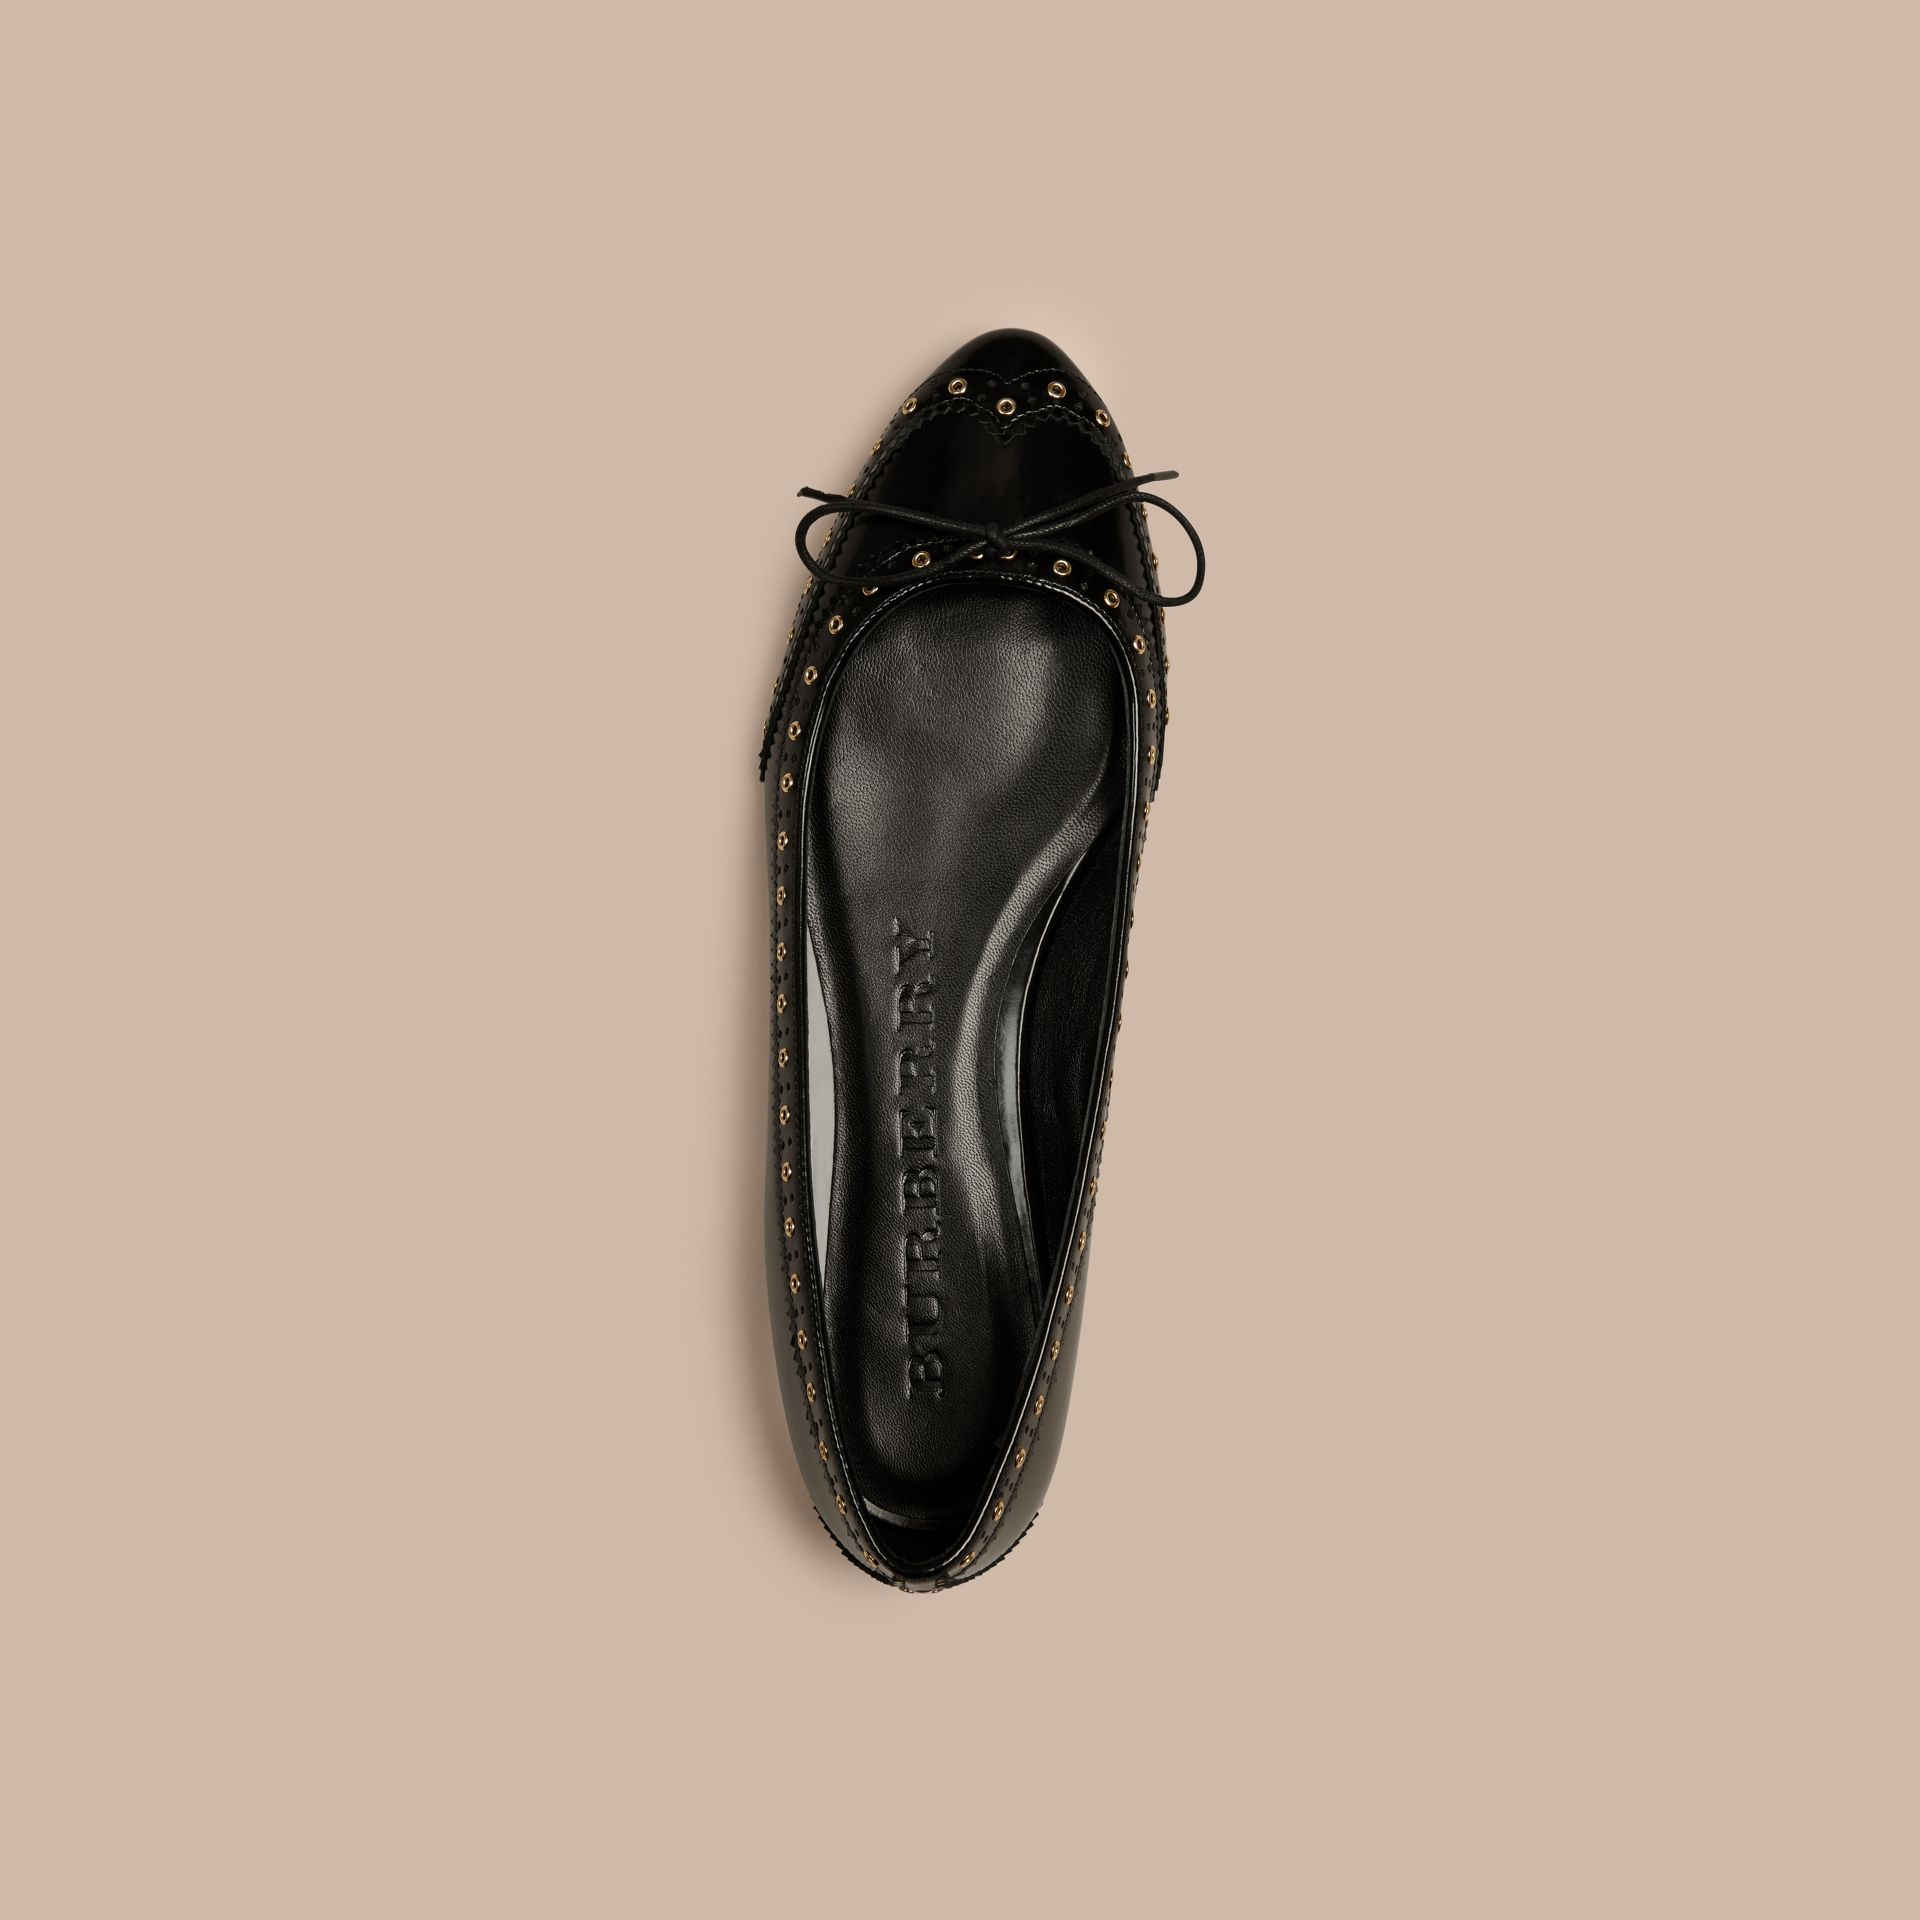 Preto Sapatilhas de couro com wingtip – Produto vendido exclusivamente online - galeria de imagens 3